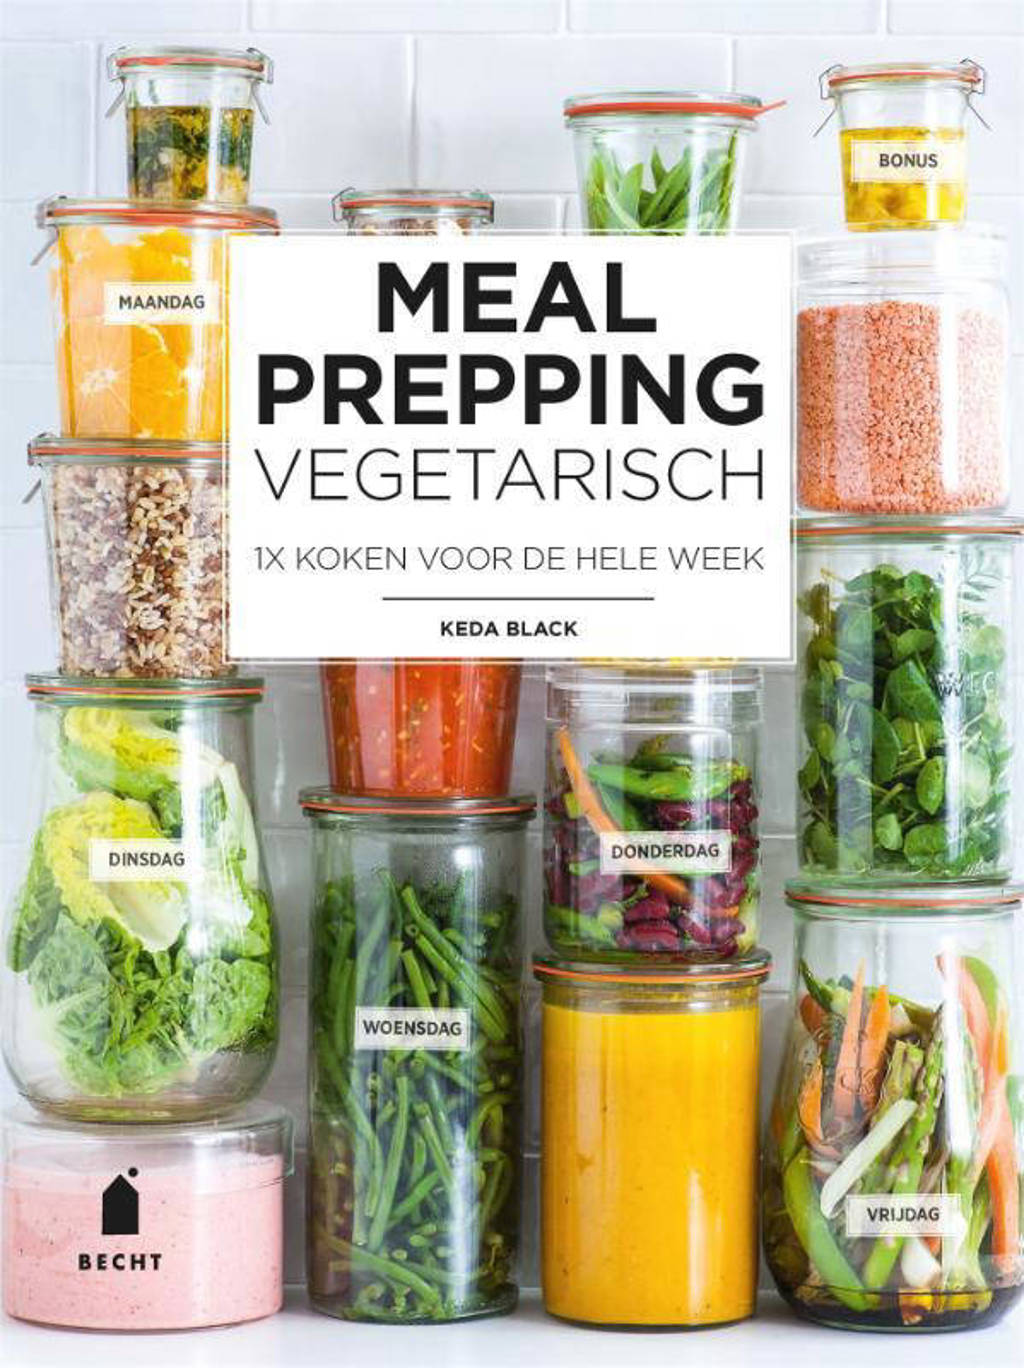 Meal prepping vegetarisch - Keda Black